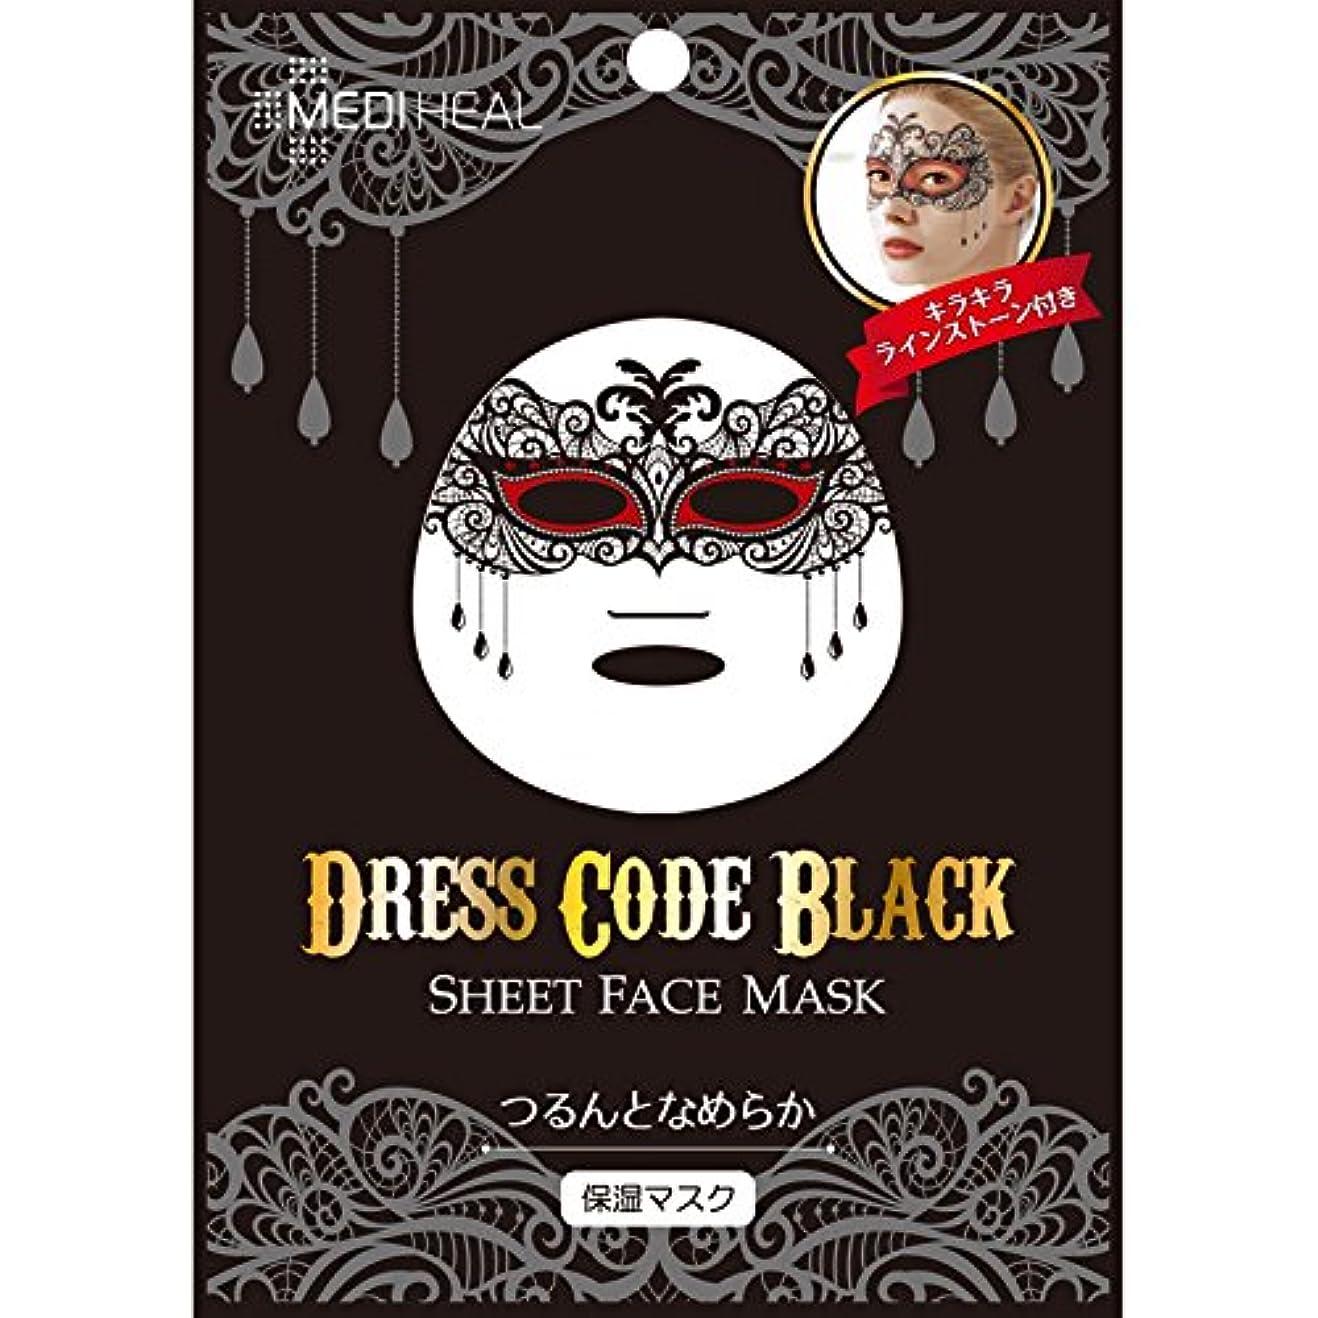 混乱させるリハーサルよろめくメディヒル フェイスマスク ドレスコードブラック (27ML/1シート)